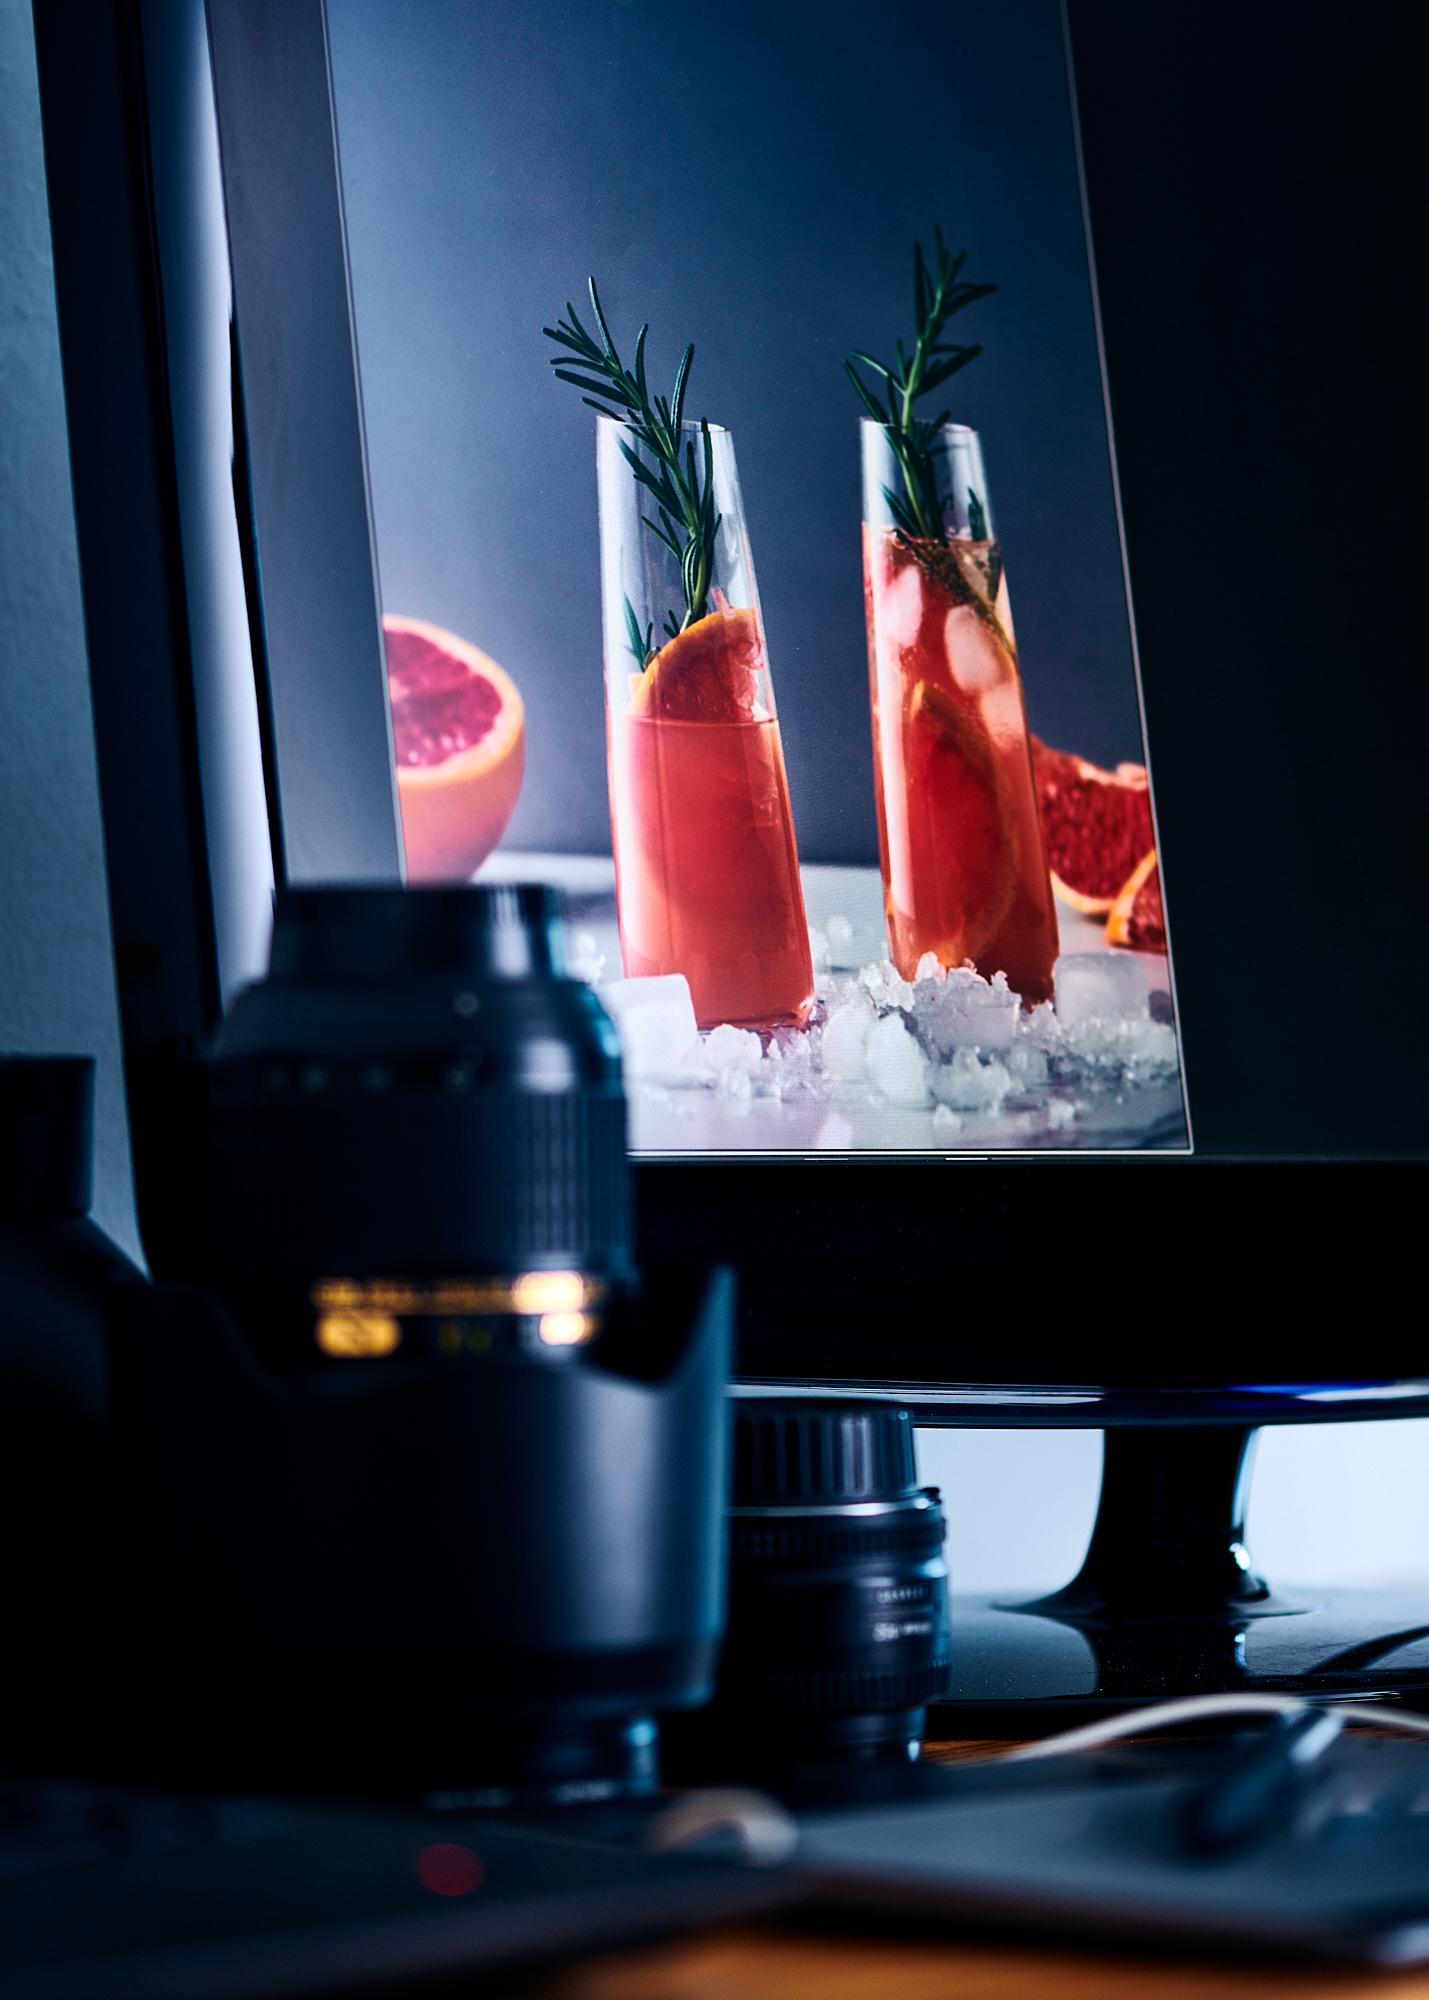 dylan swart food photographer johannesburg gauteng south africa.jpg